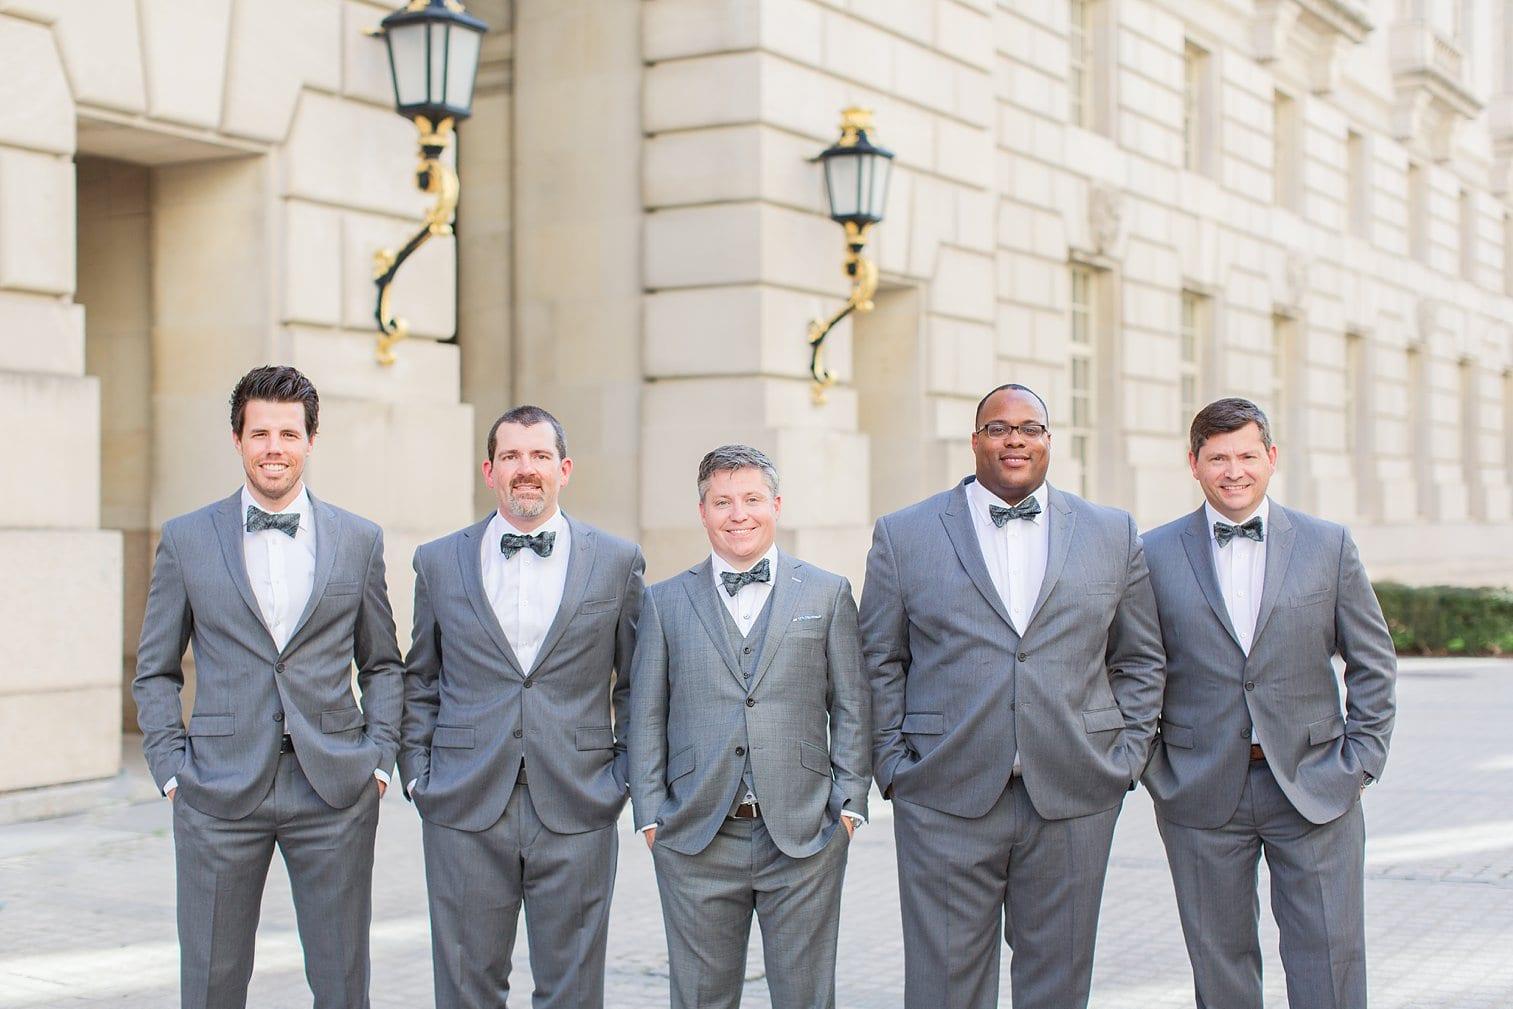 Ronald Reagan Building Wedding Washington DC Wedding Photographer Ashley & Brett-458.jpg